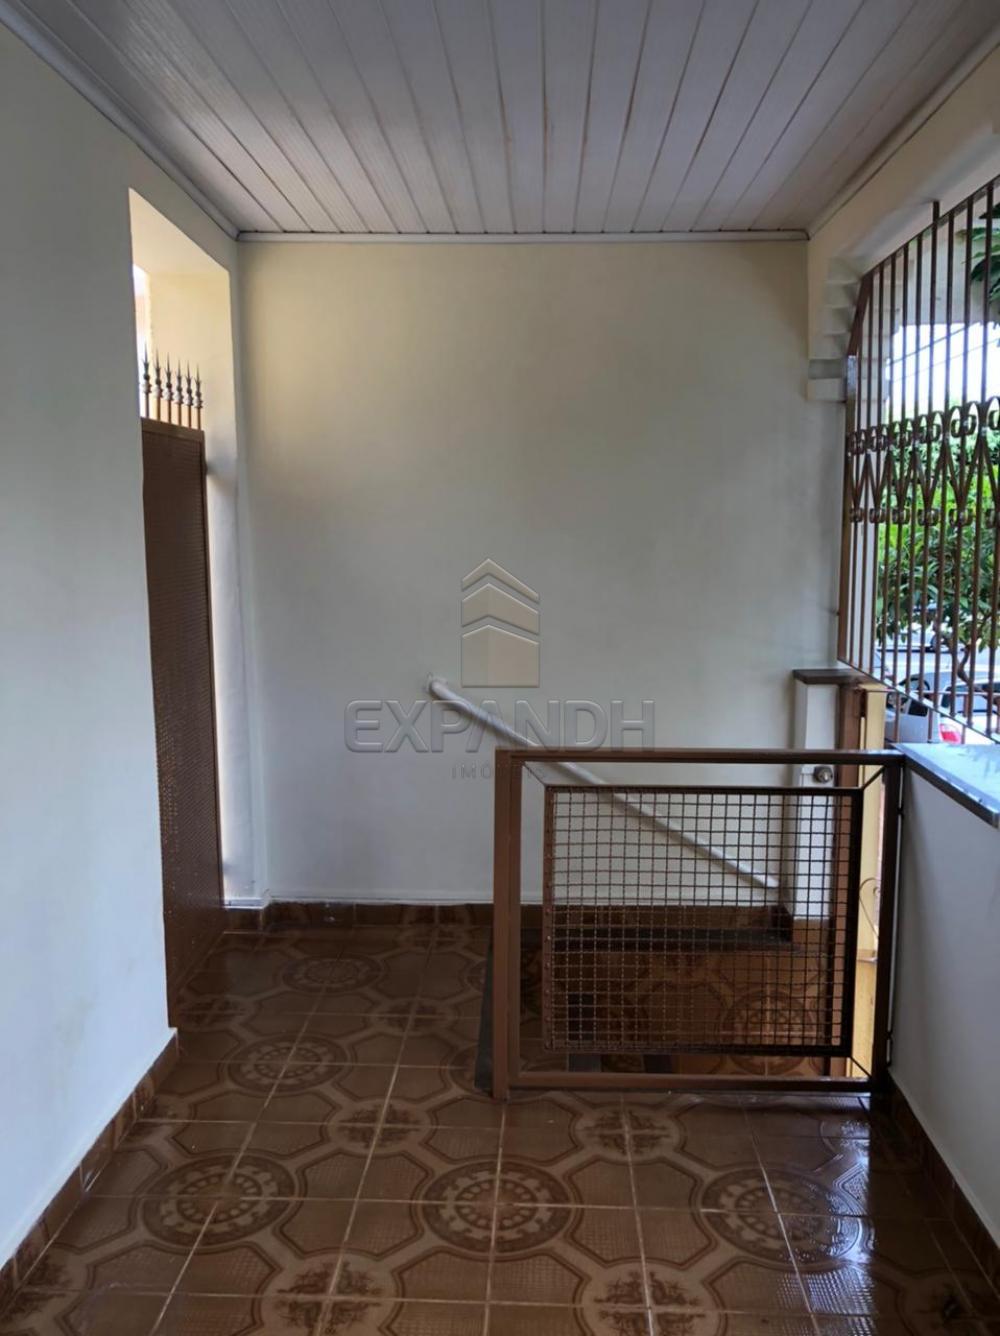 Alugar Casas / Padrão em Sertãozinho R$ 925,00 - Foto 4